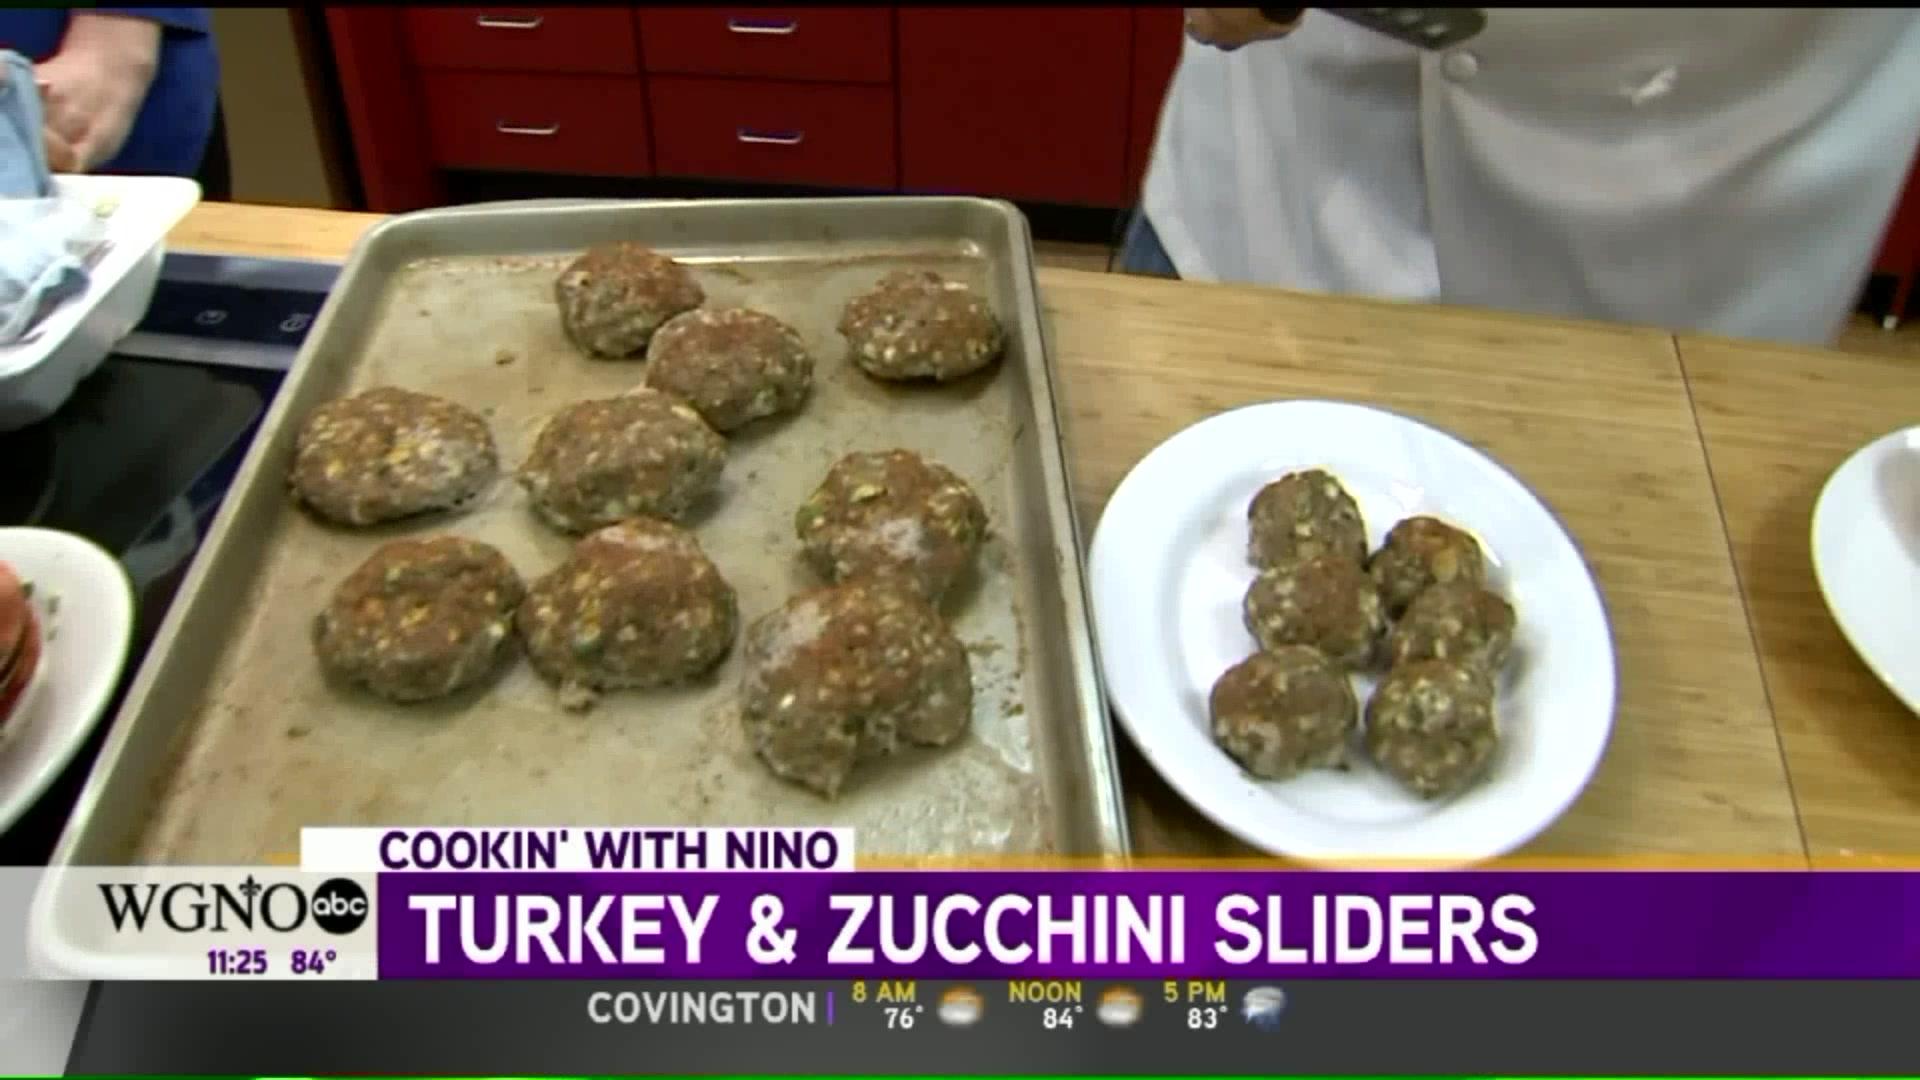 How to Make Turkey and Zucchini Sliders